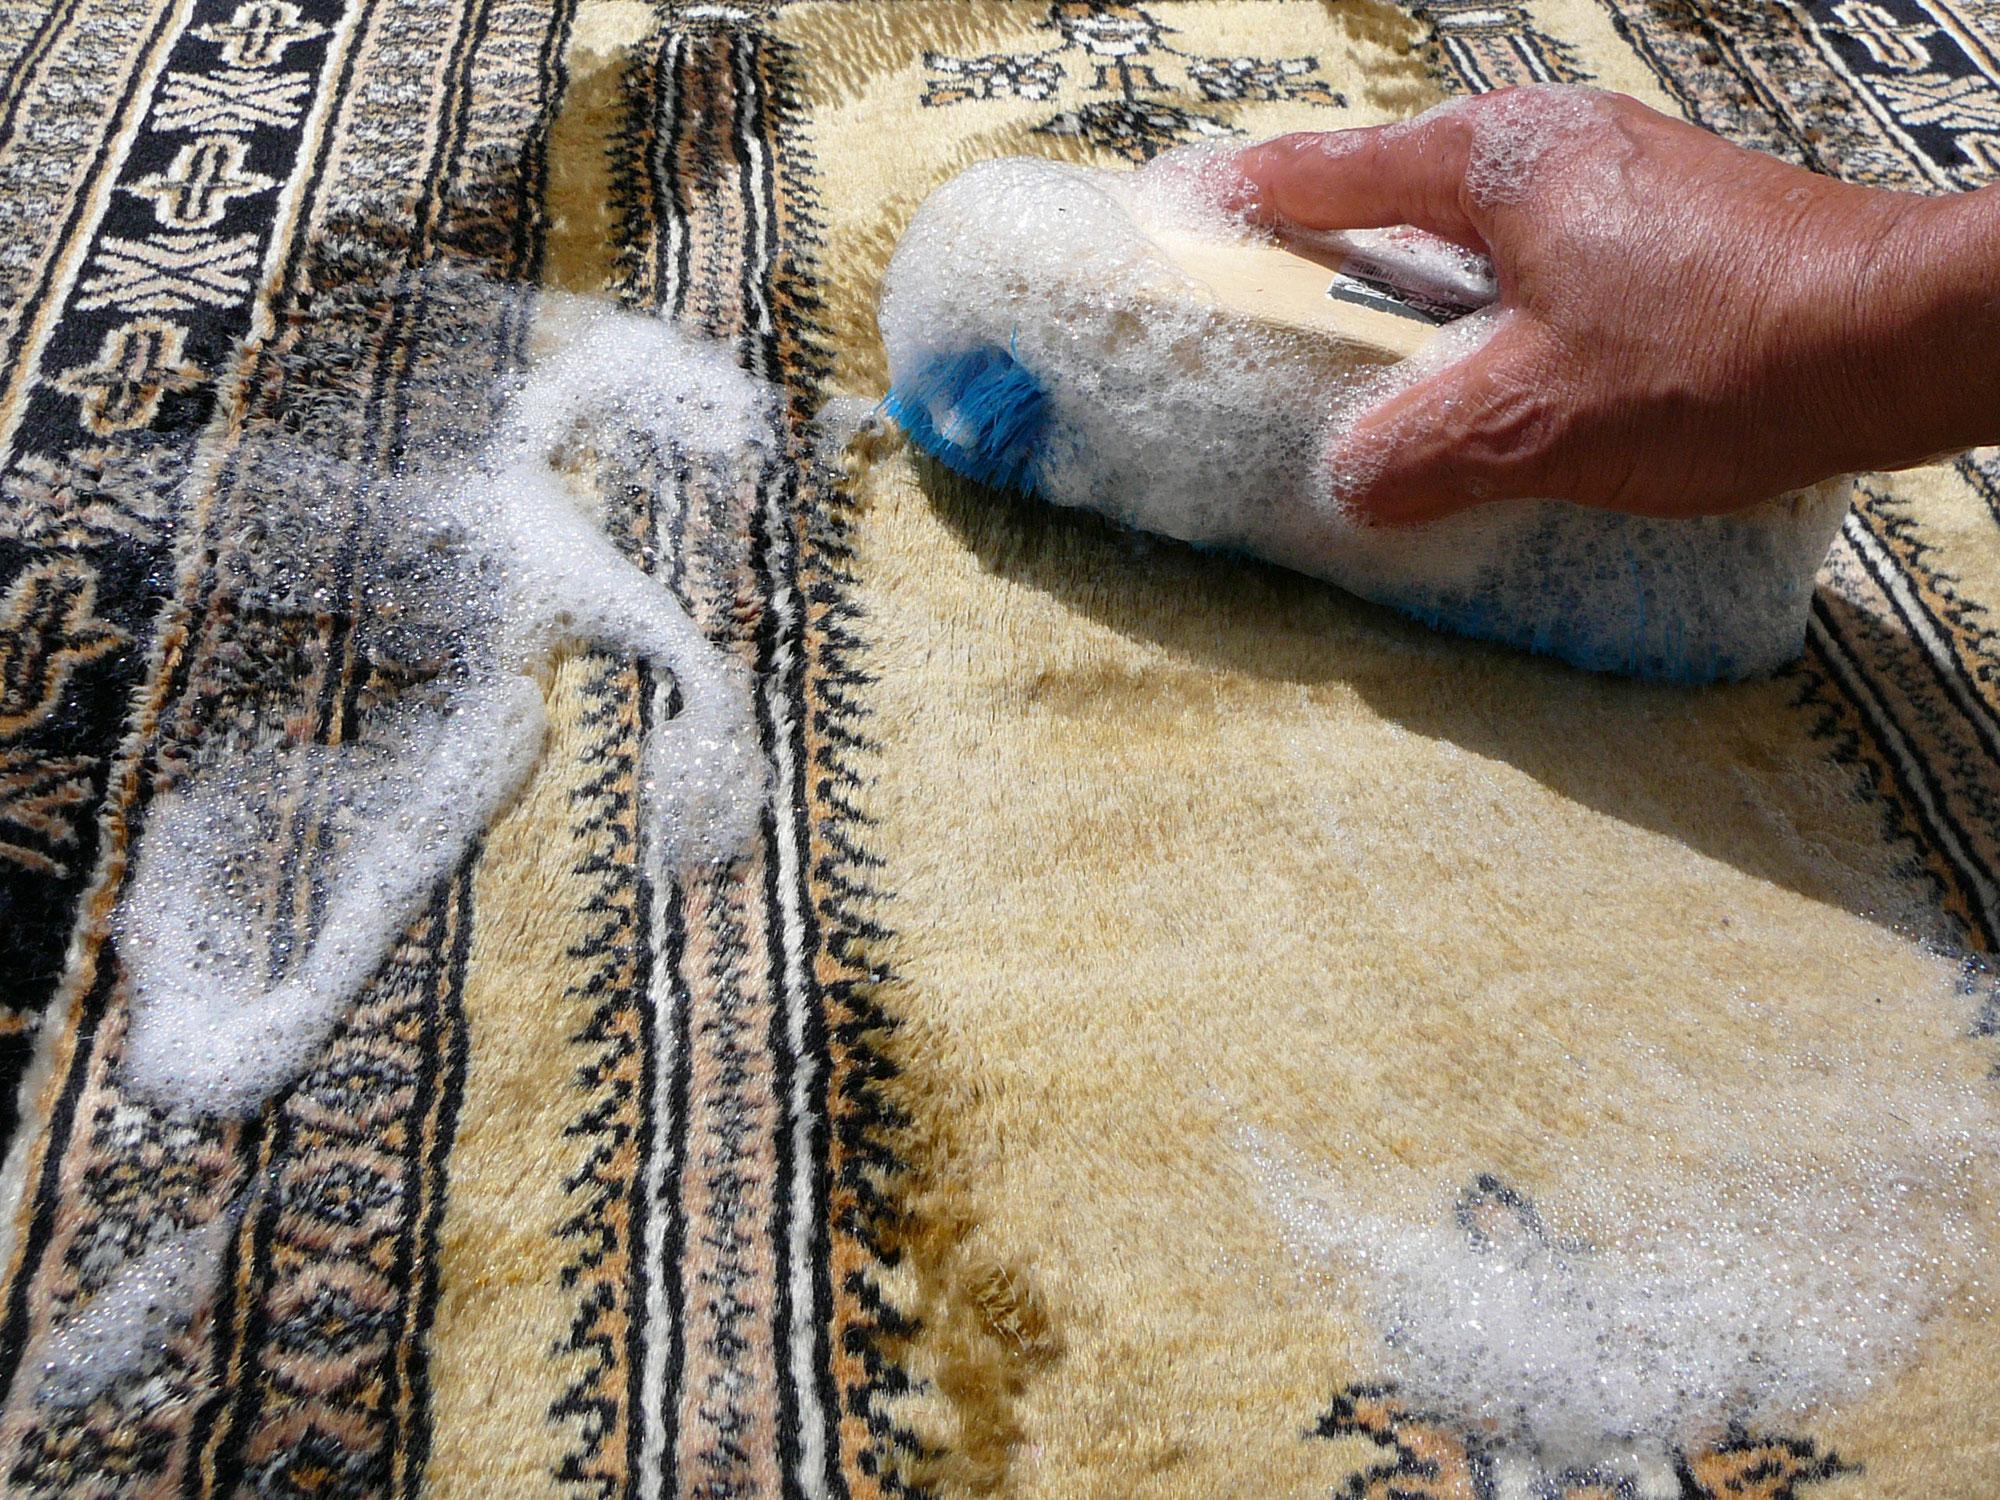 Prezzo di lavaggio tappeto, Quanto costa lavare un tappeto persiano al chilo o metro quadrato?